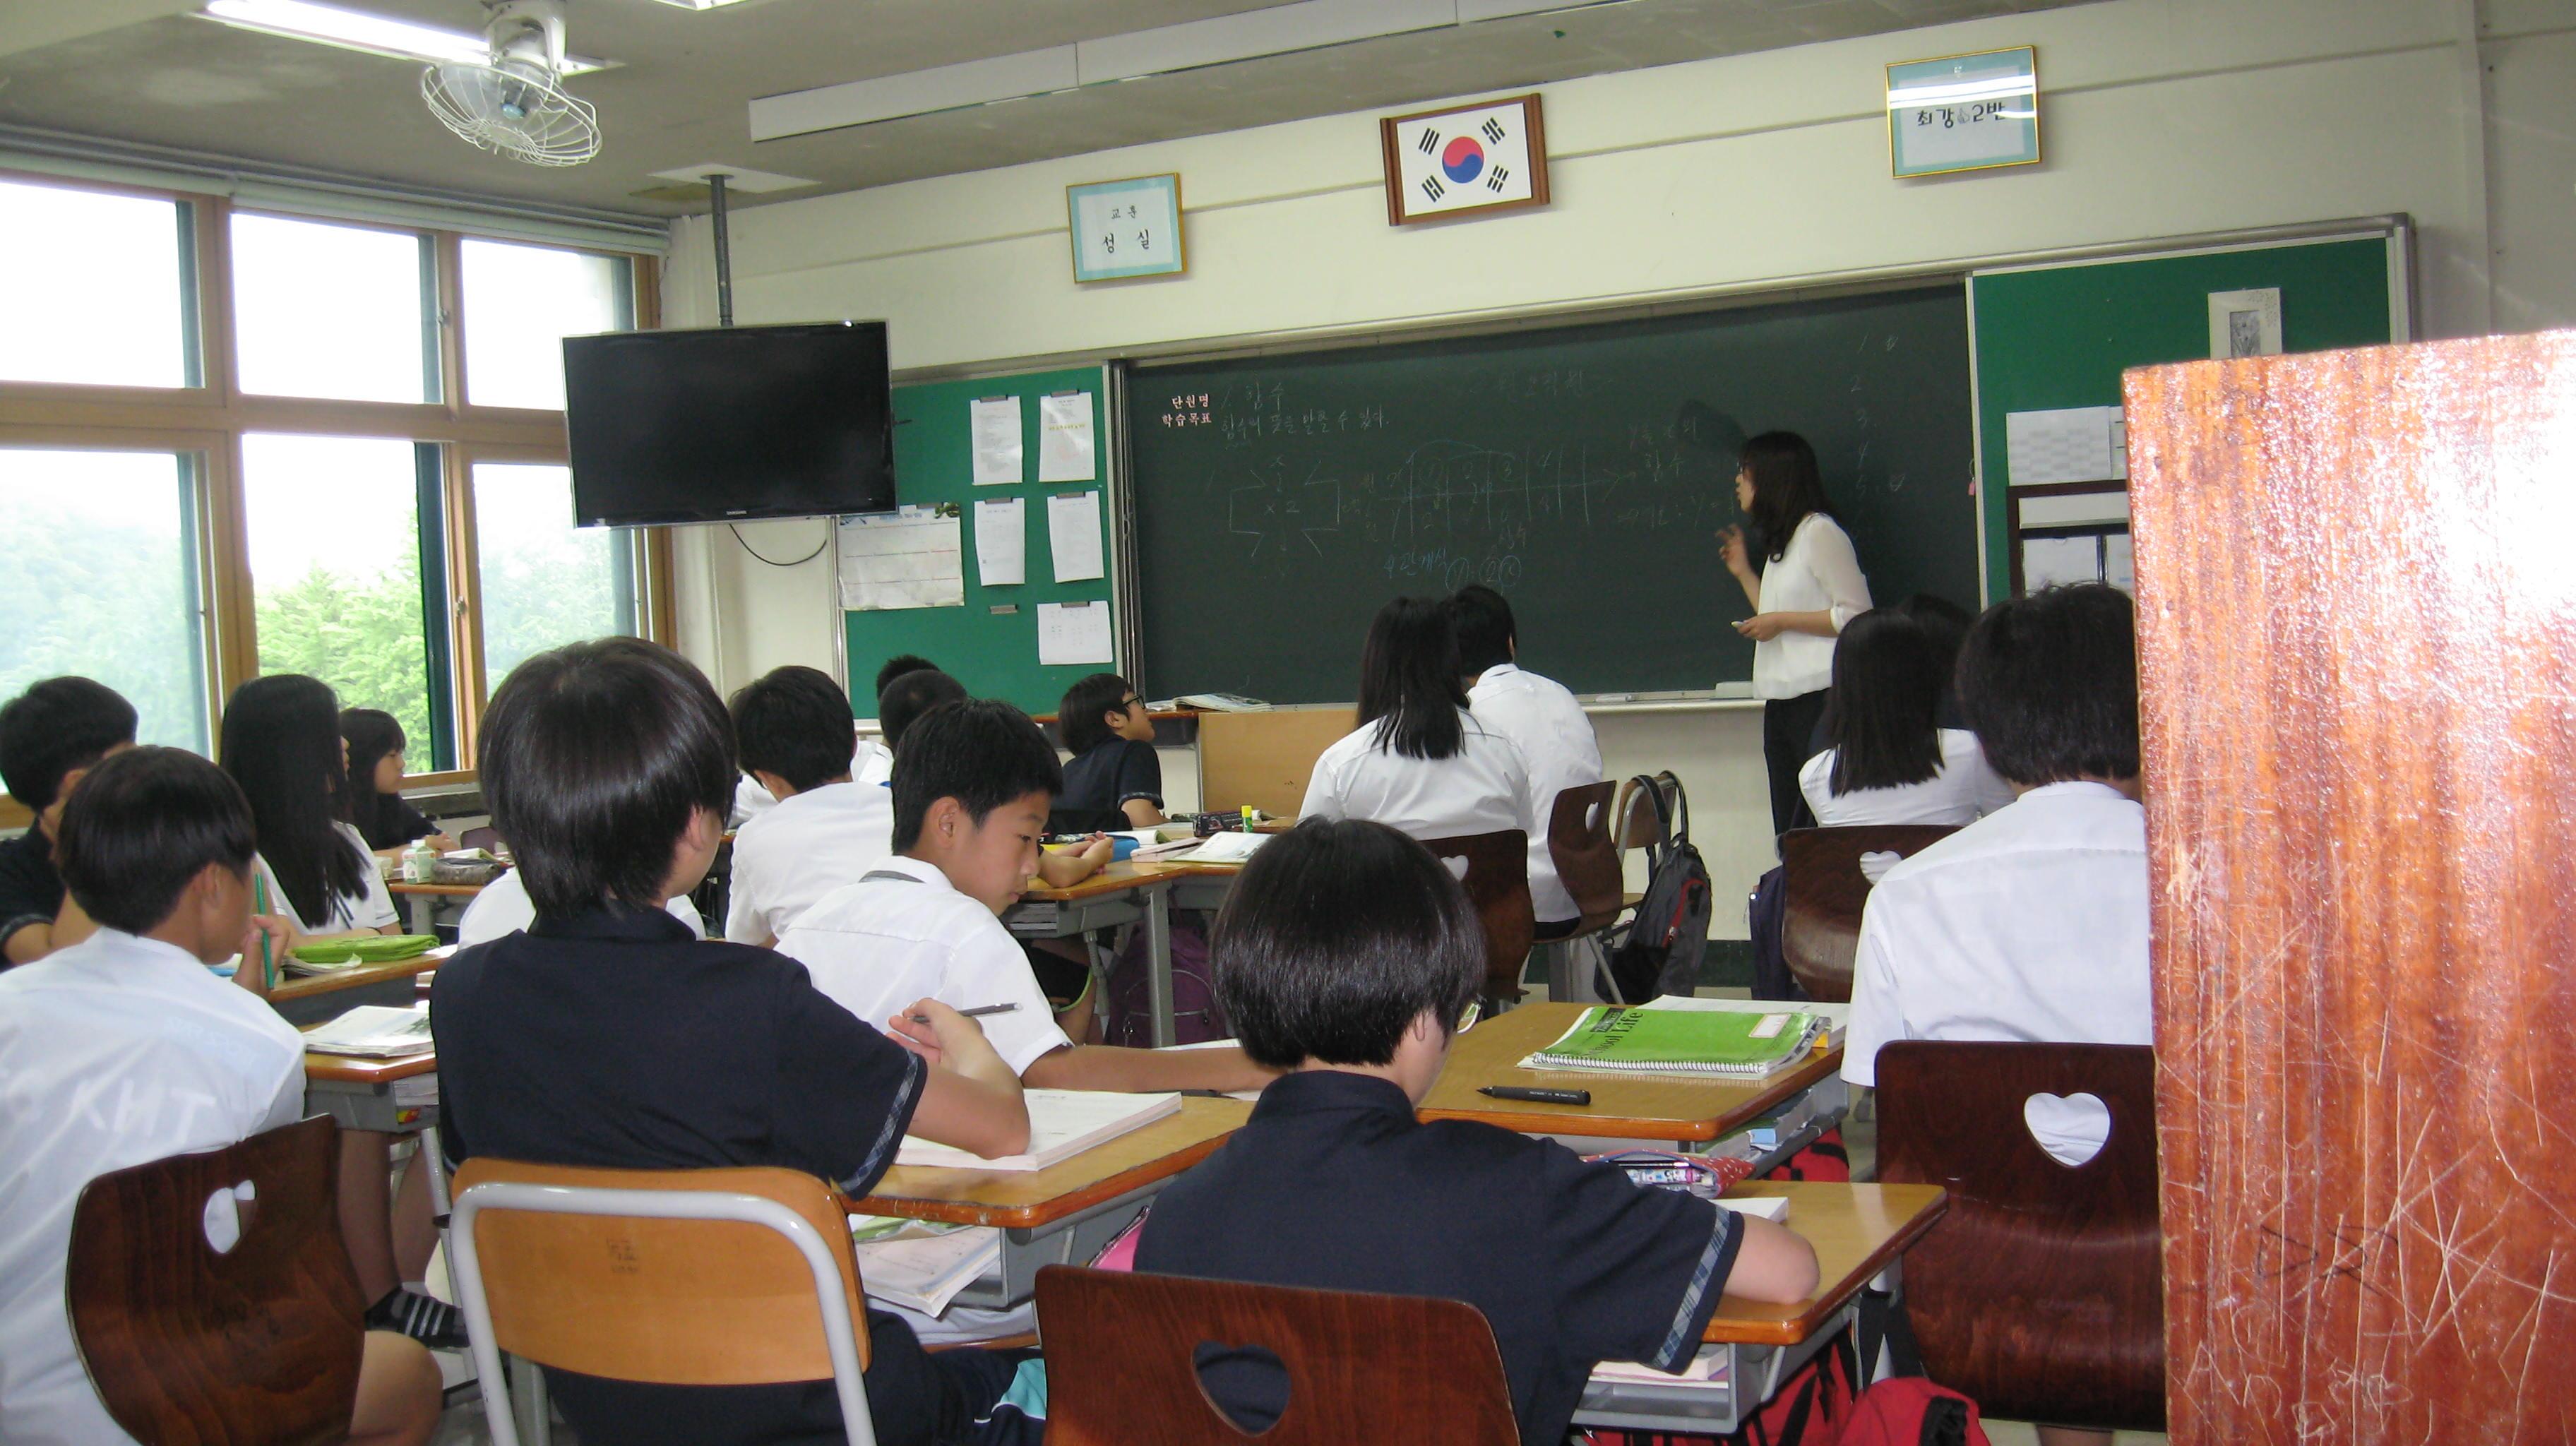 [일반] 학부모 공개 수업의 날의 첨부이미지 1